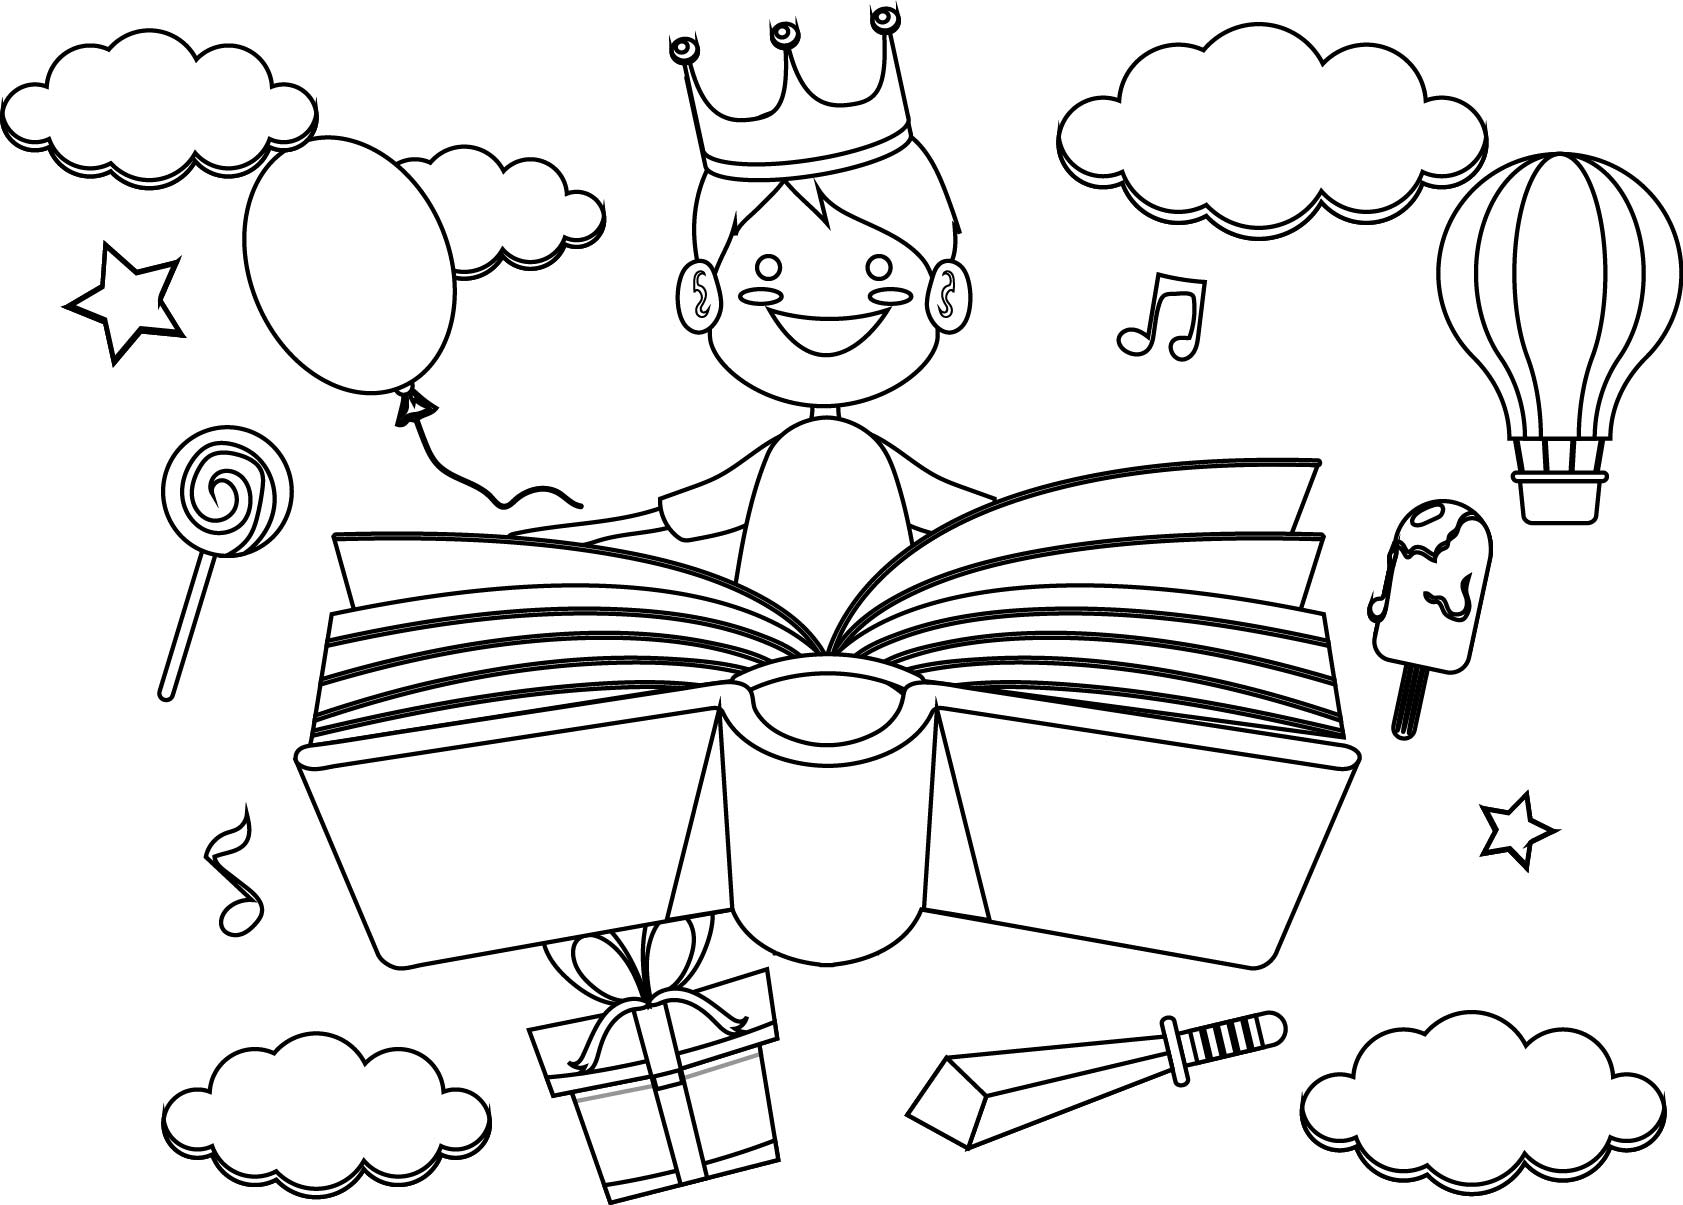 Boy Imagination Dreams Reading Book Coloring Page